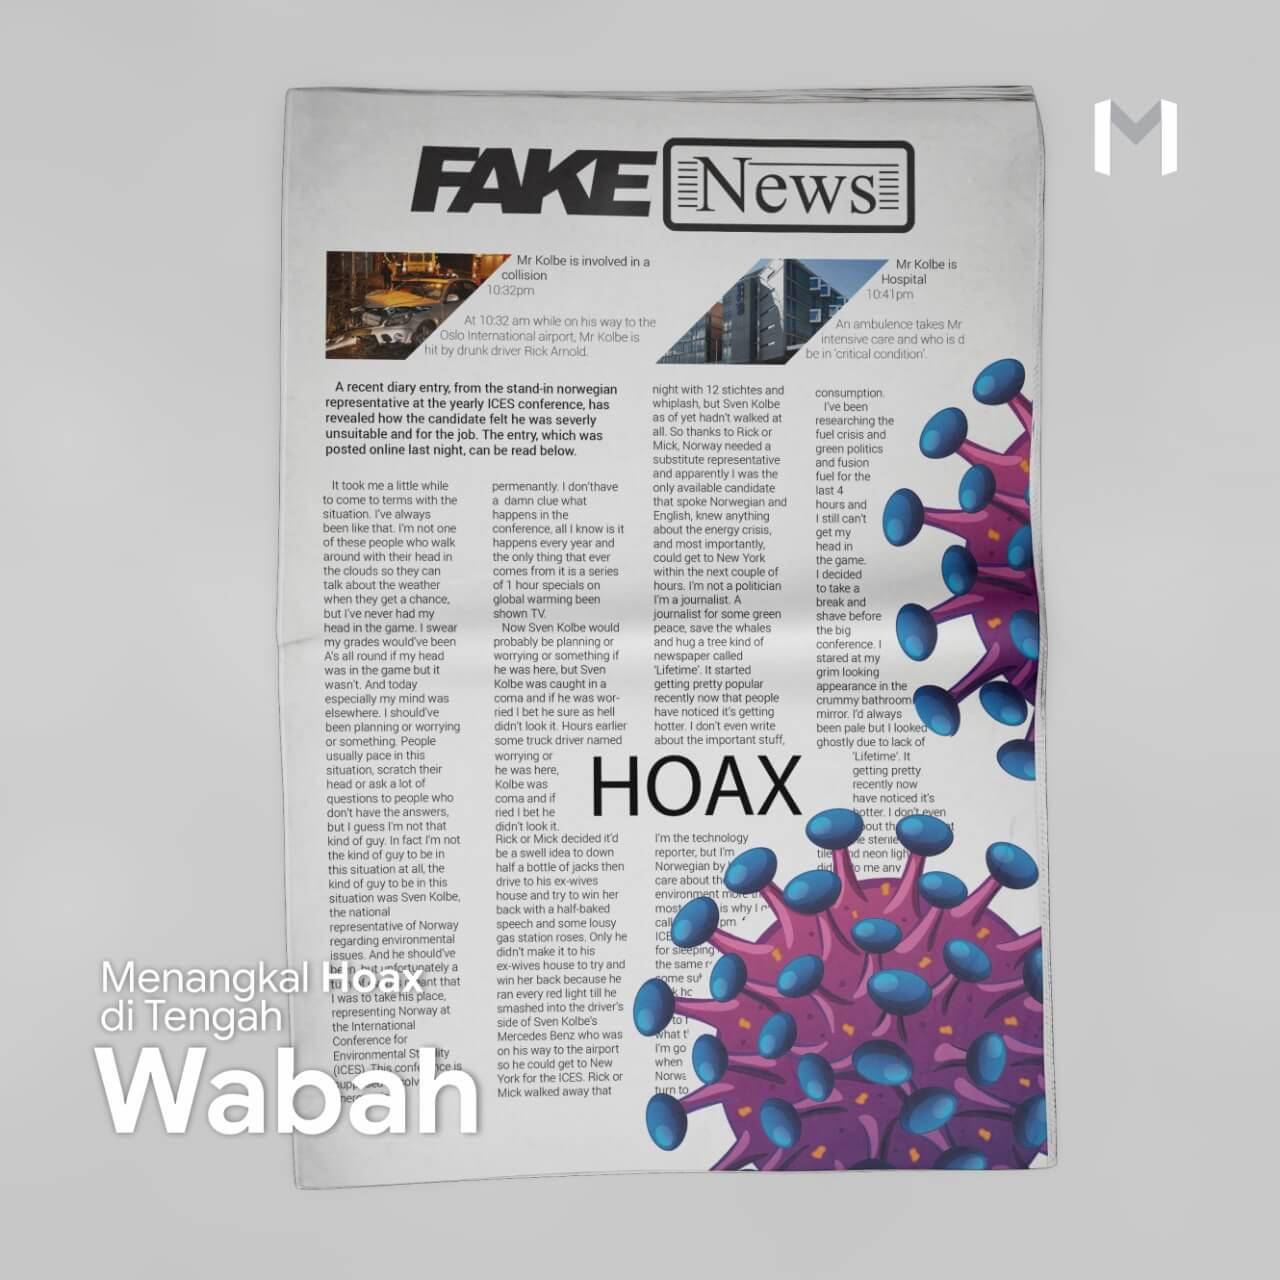 Menangkal Hoax di Tengah Wabah